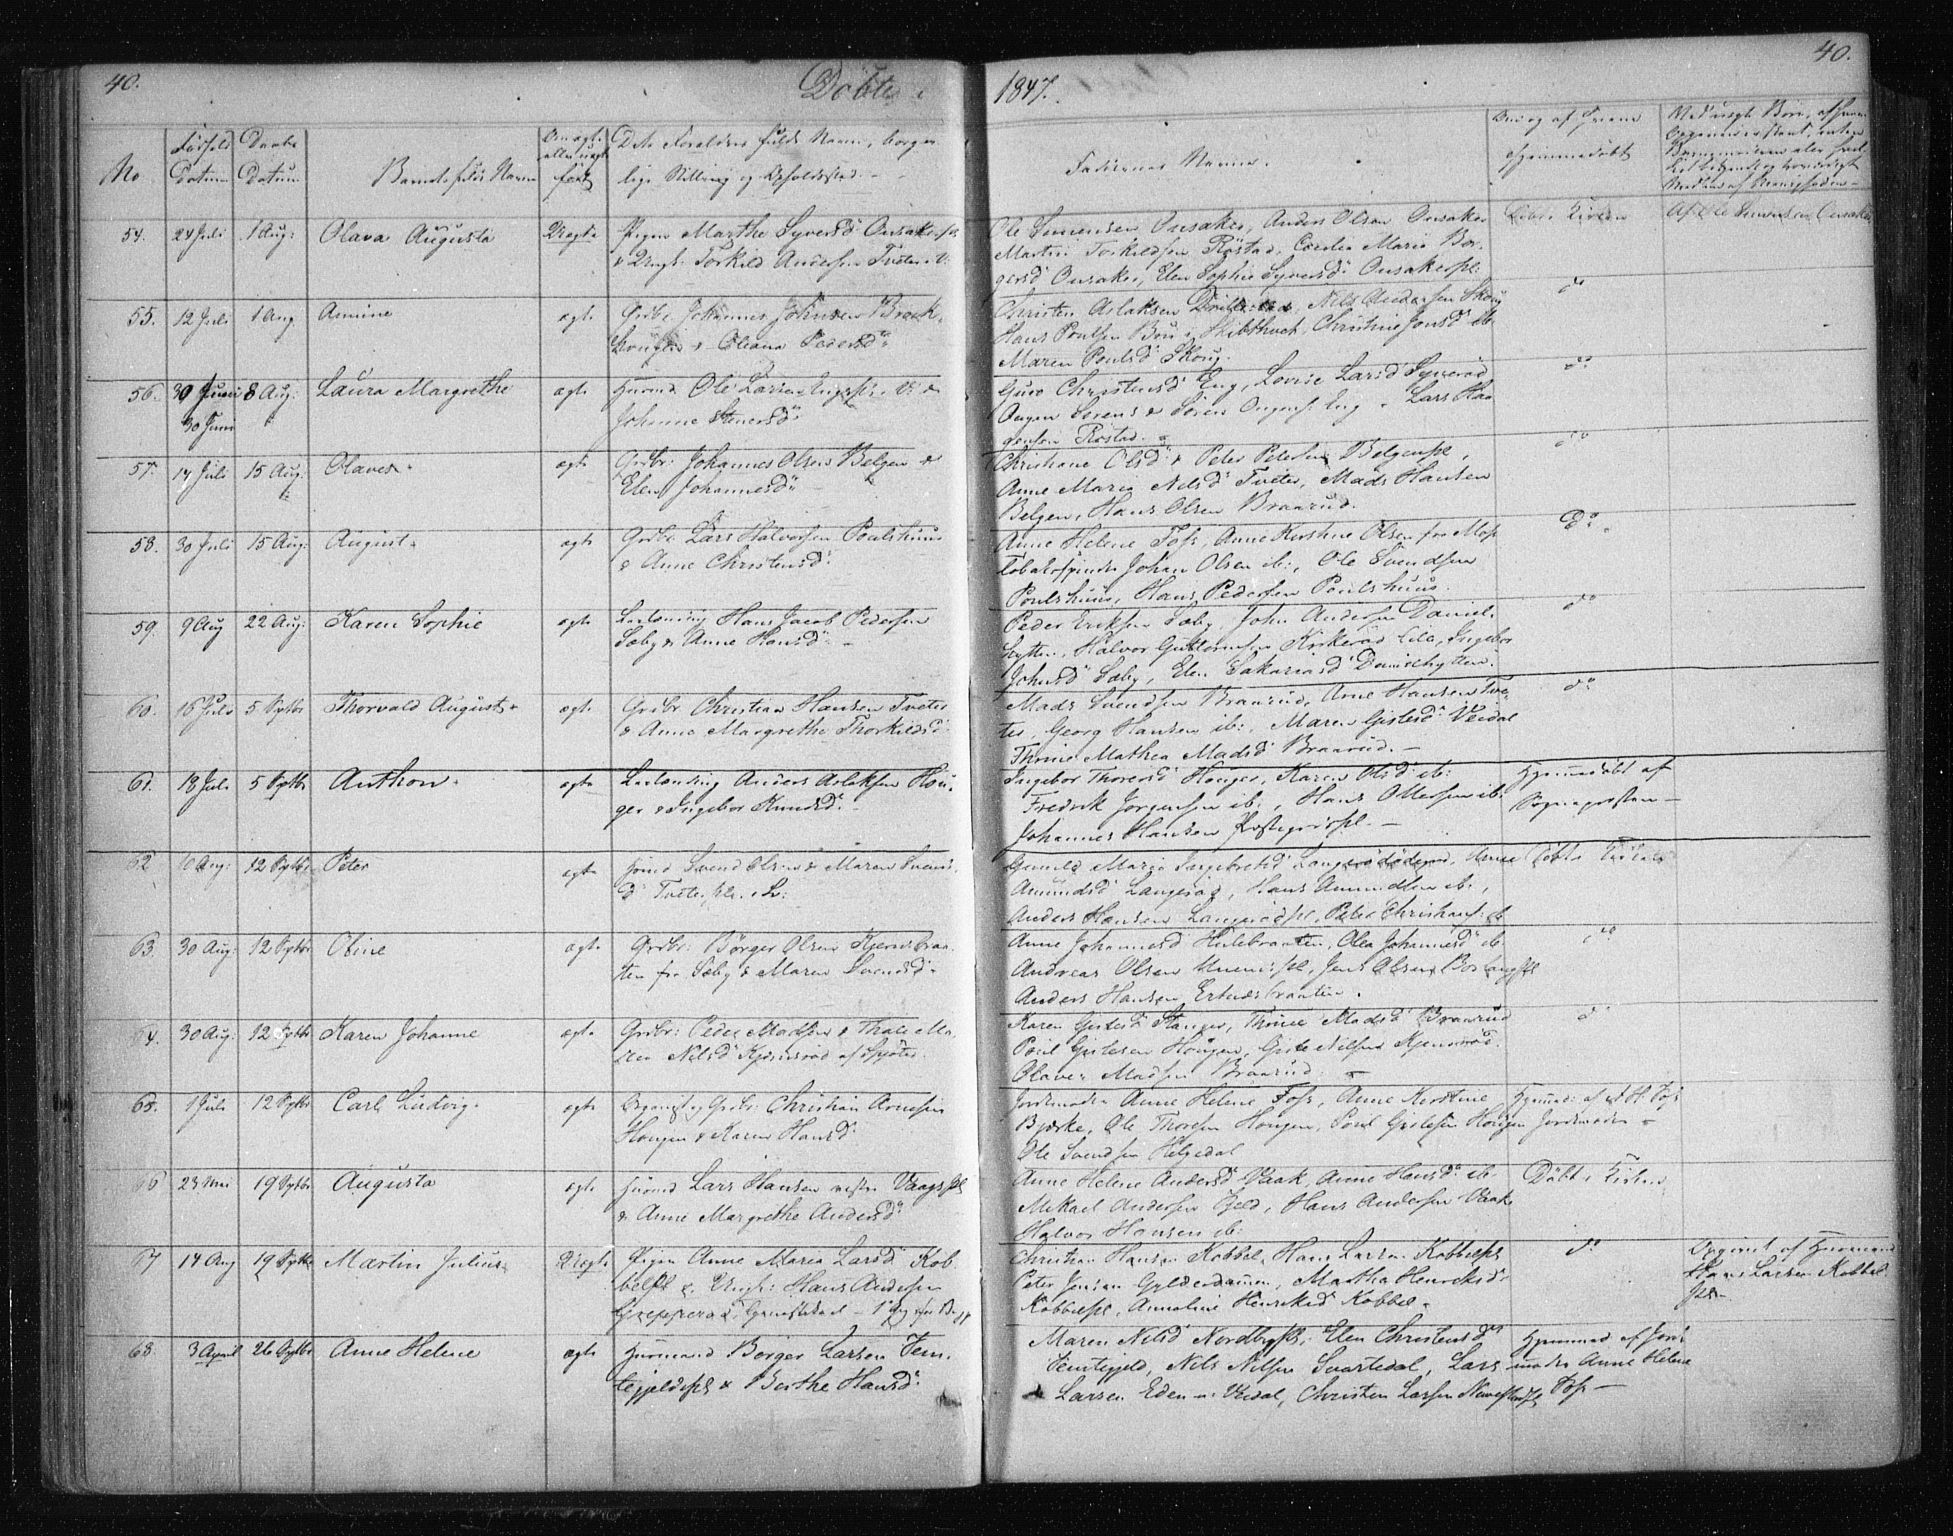 SAO, Våler prestekontor Kirkebøker, F/Fa/L0006: Ministerialbok nr. I 6, 1840-1861, s. 40